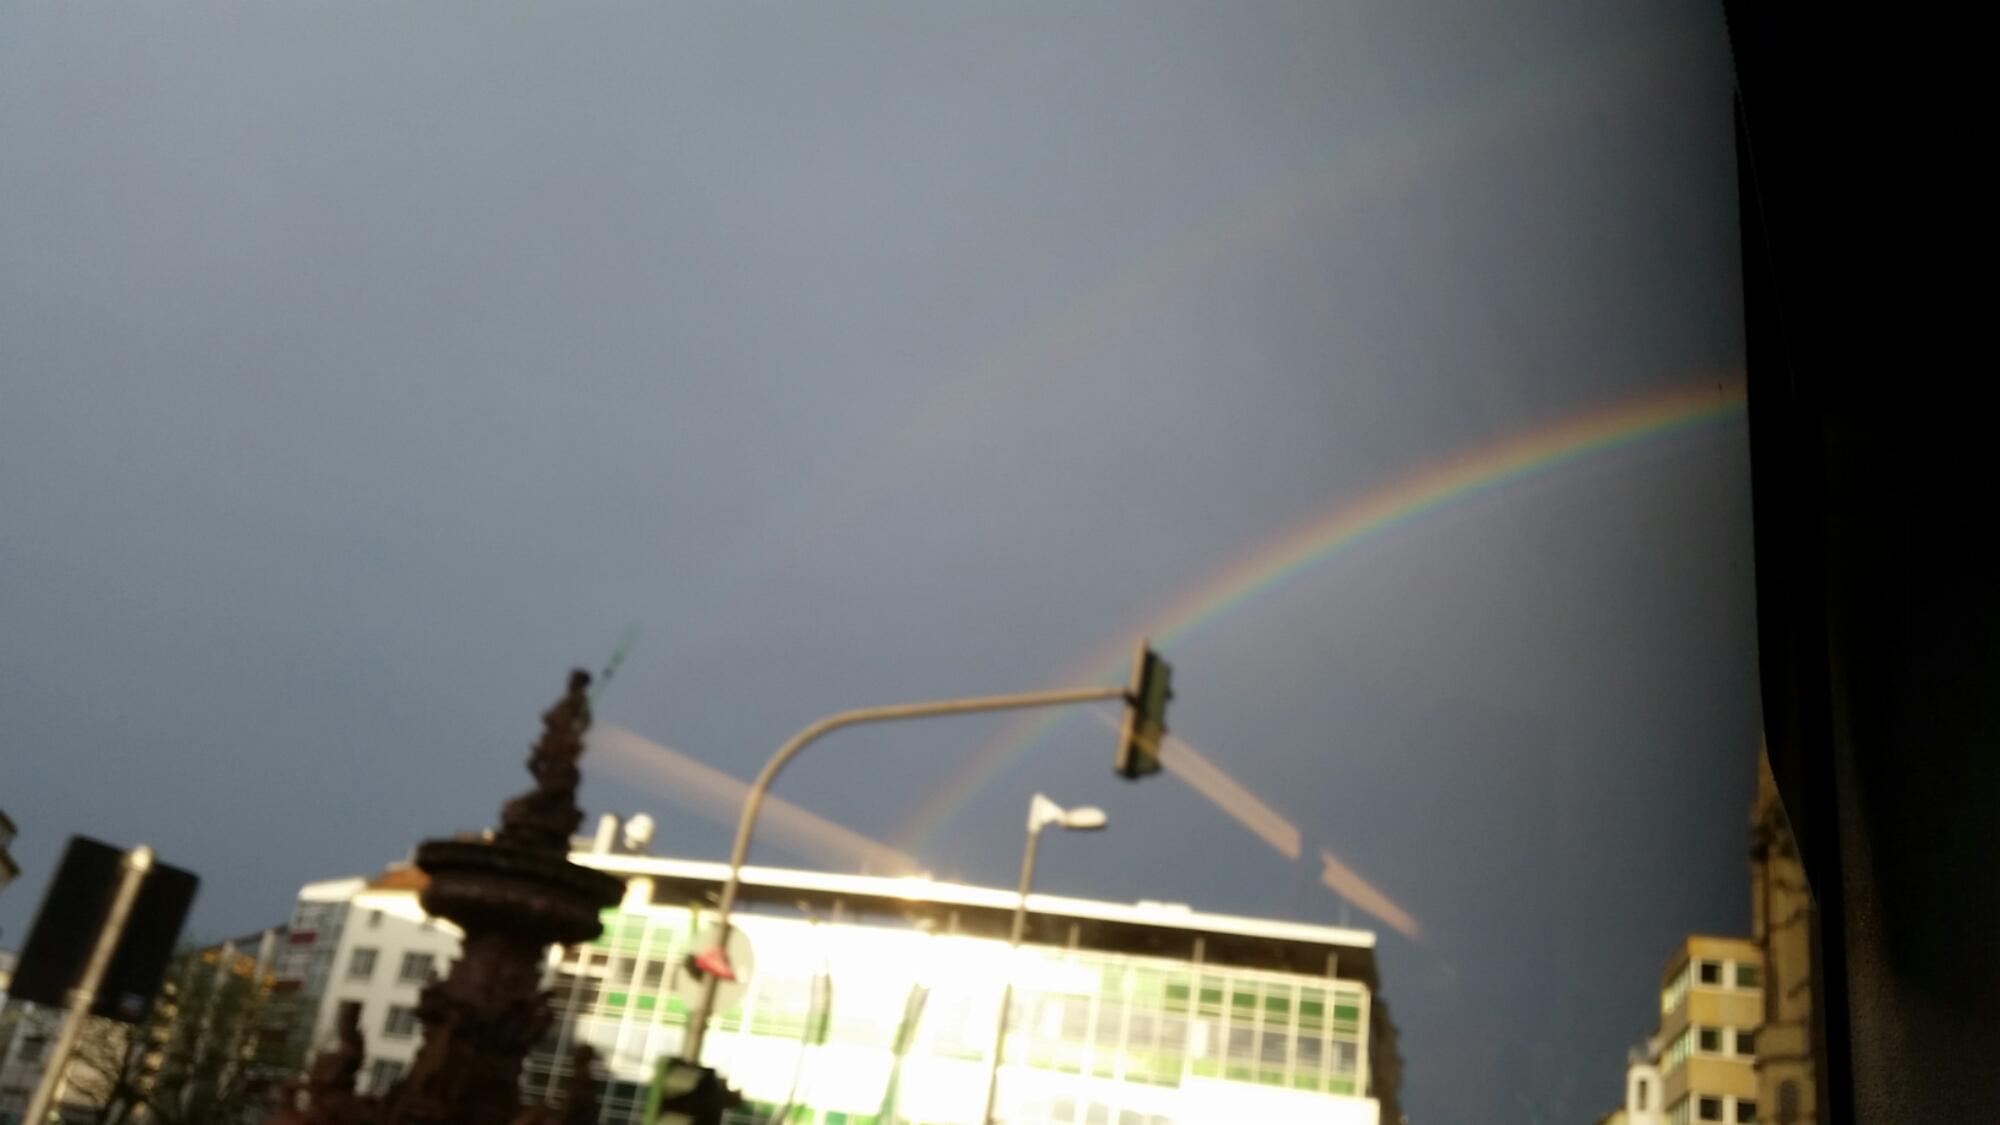 Regenbogen vor Wolken